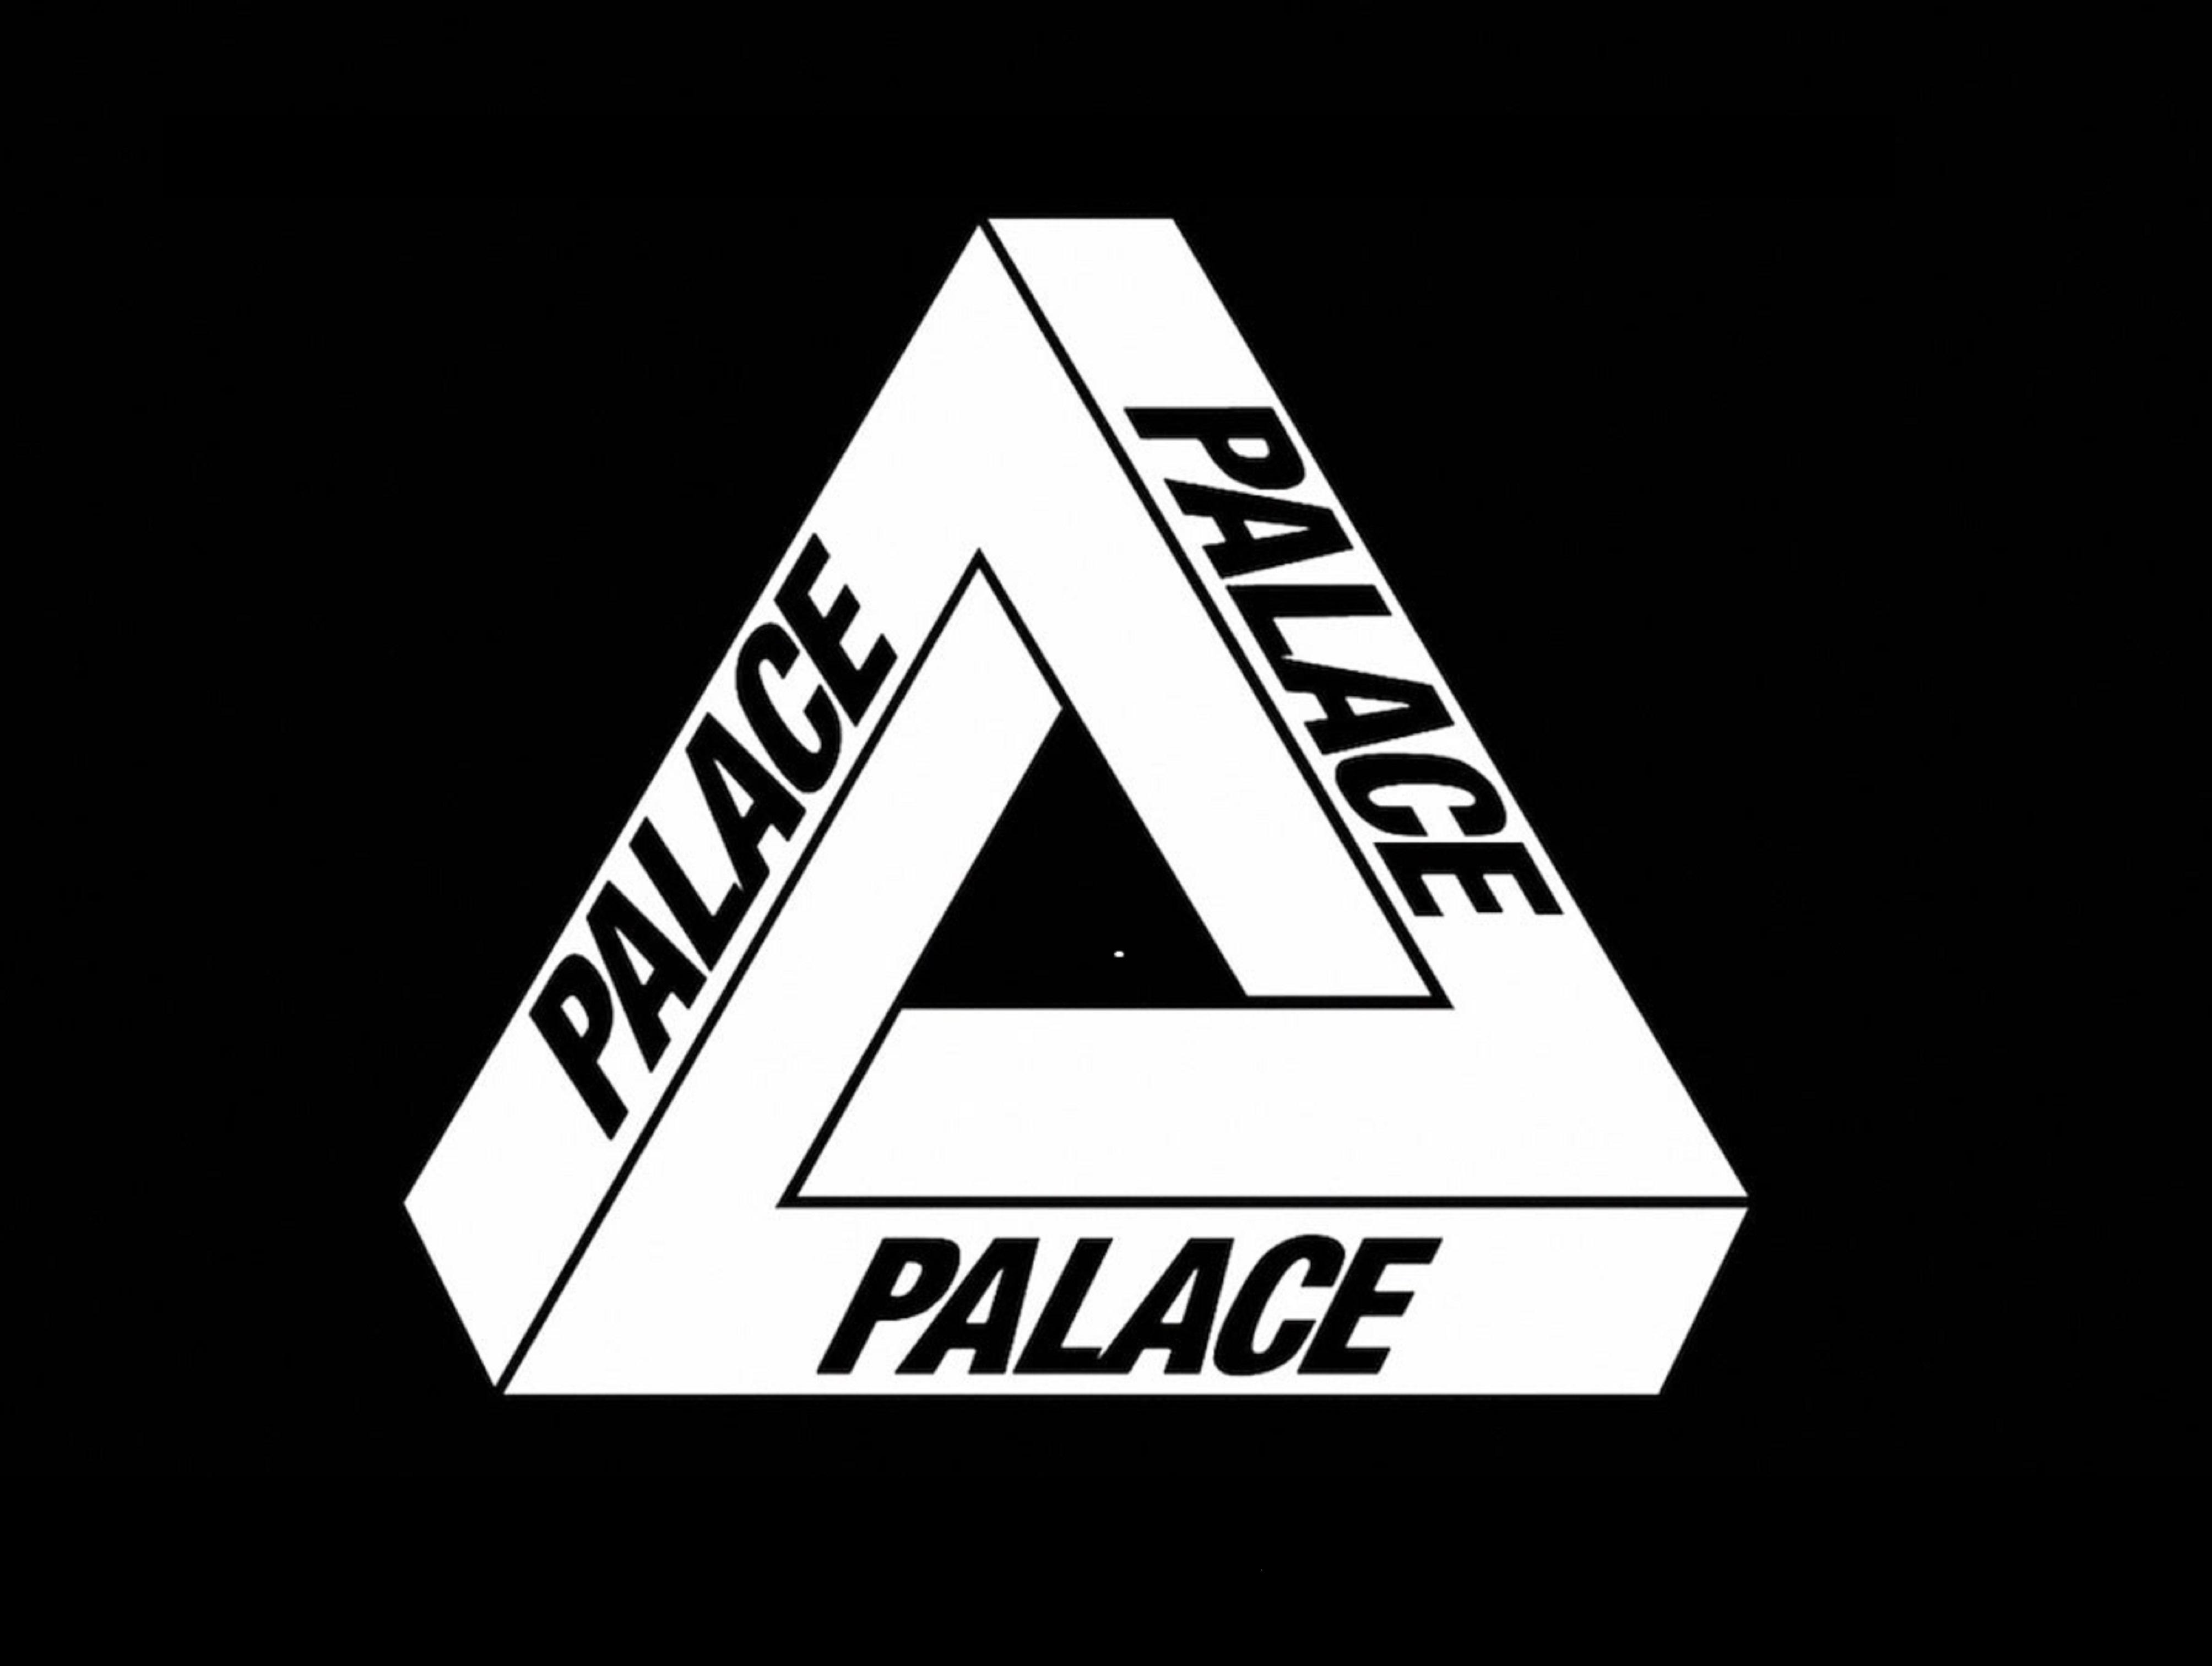 PALACE AUTUMN 2020 DOSKY SÚ ONLINE!